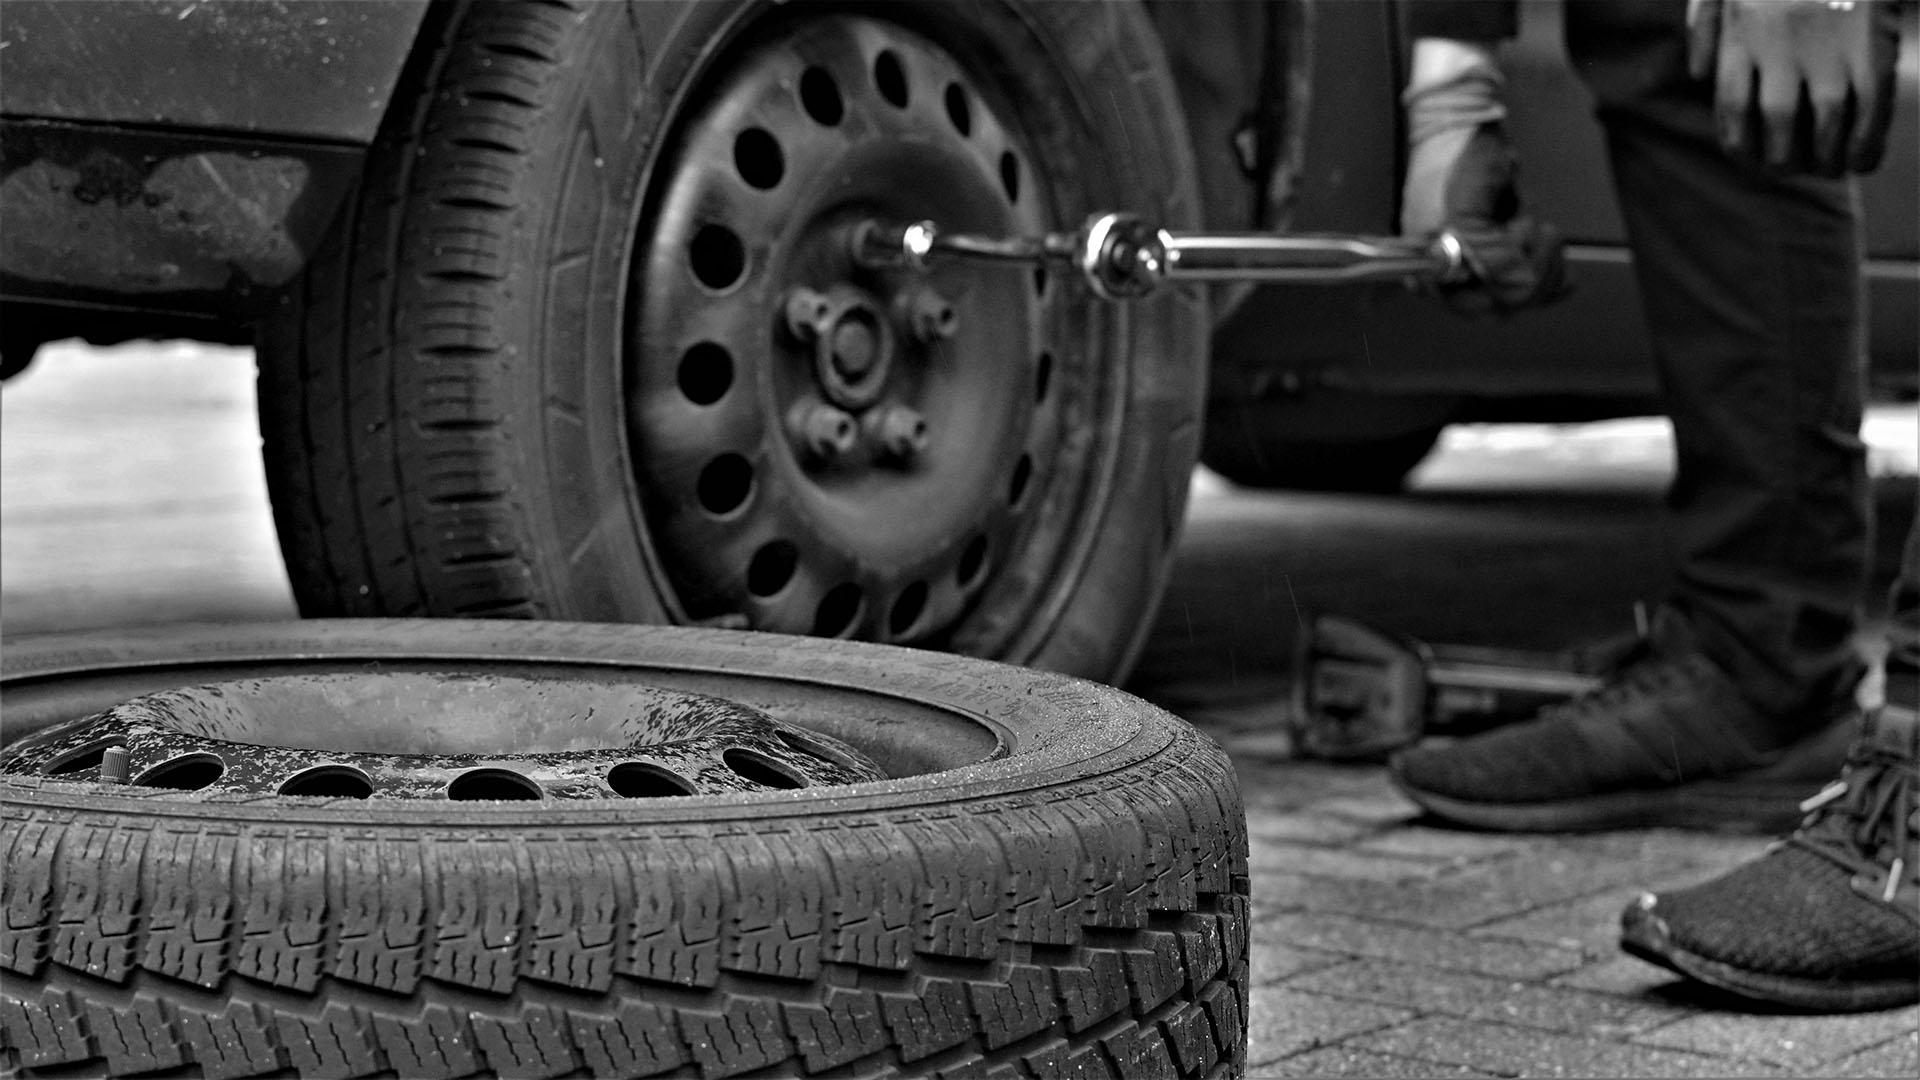 1,5 millones de coches circulan con defectos en los neumáticos